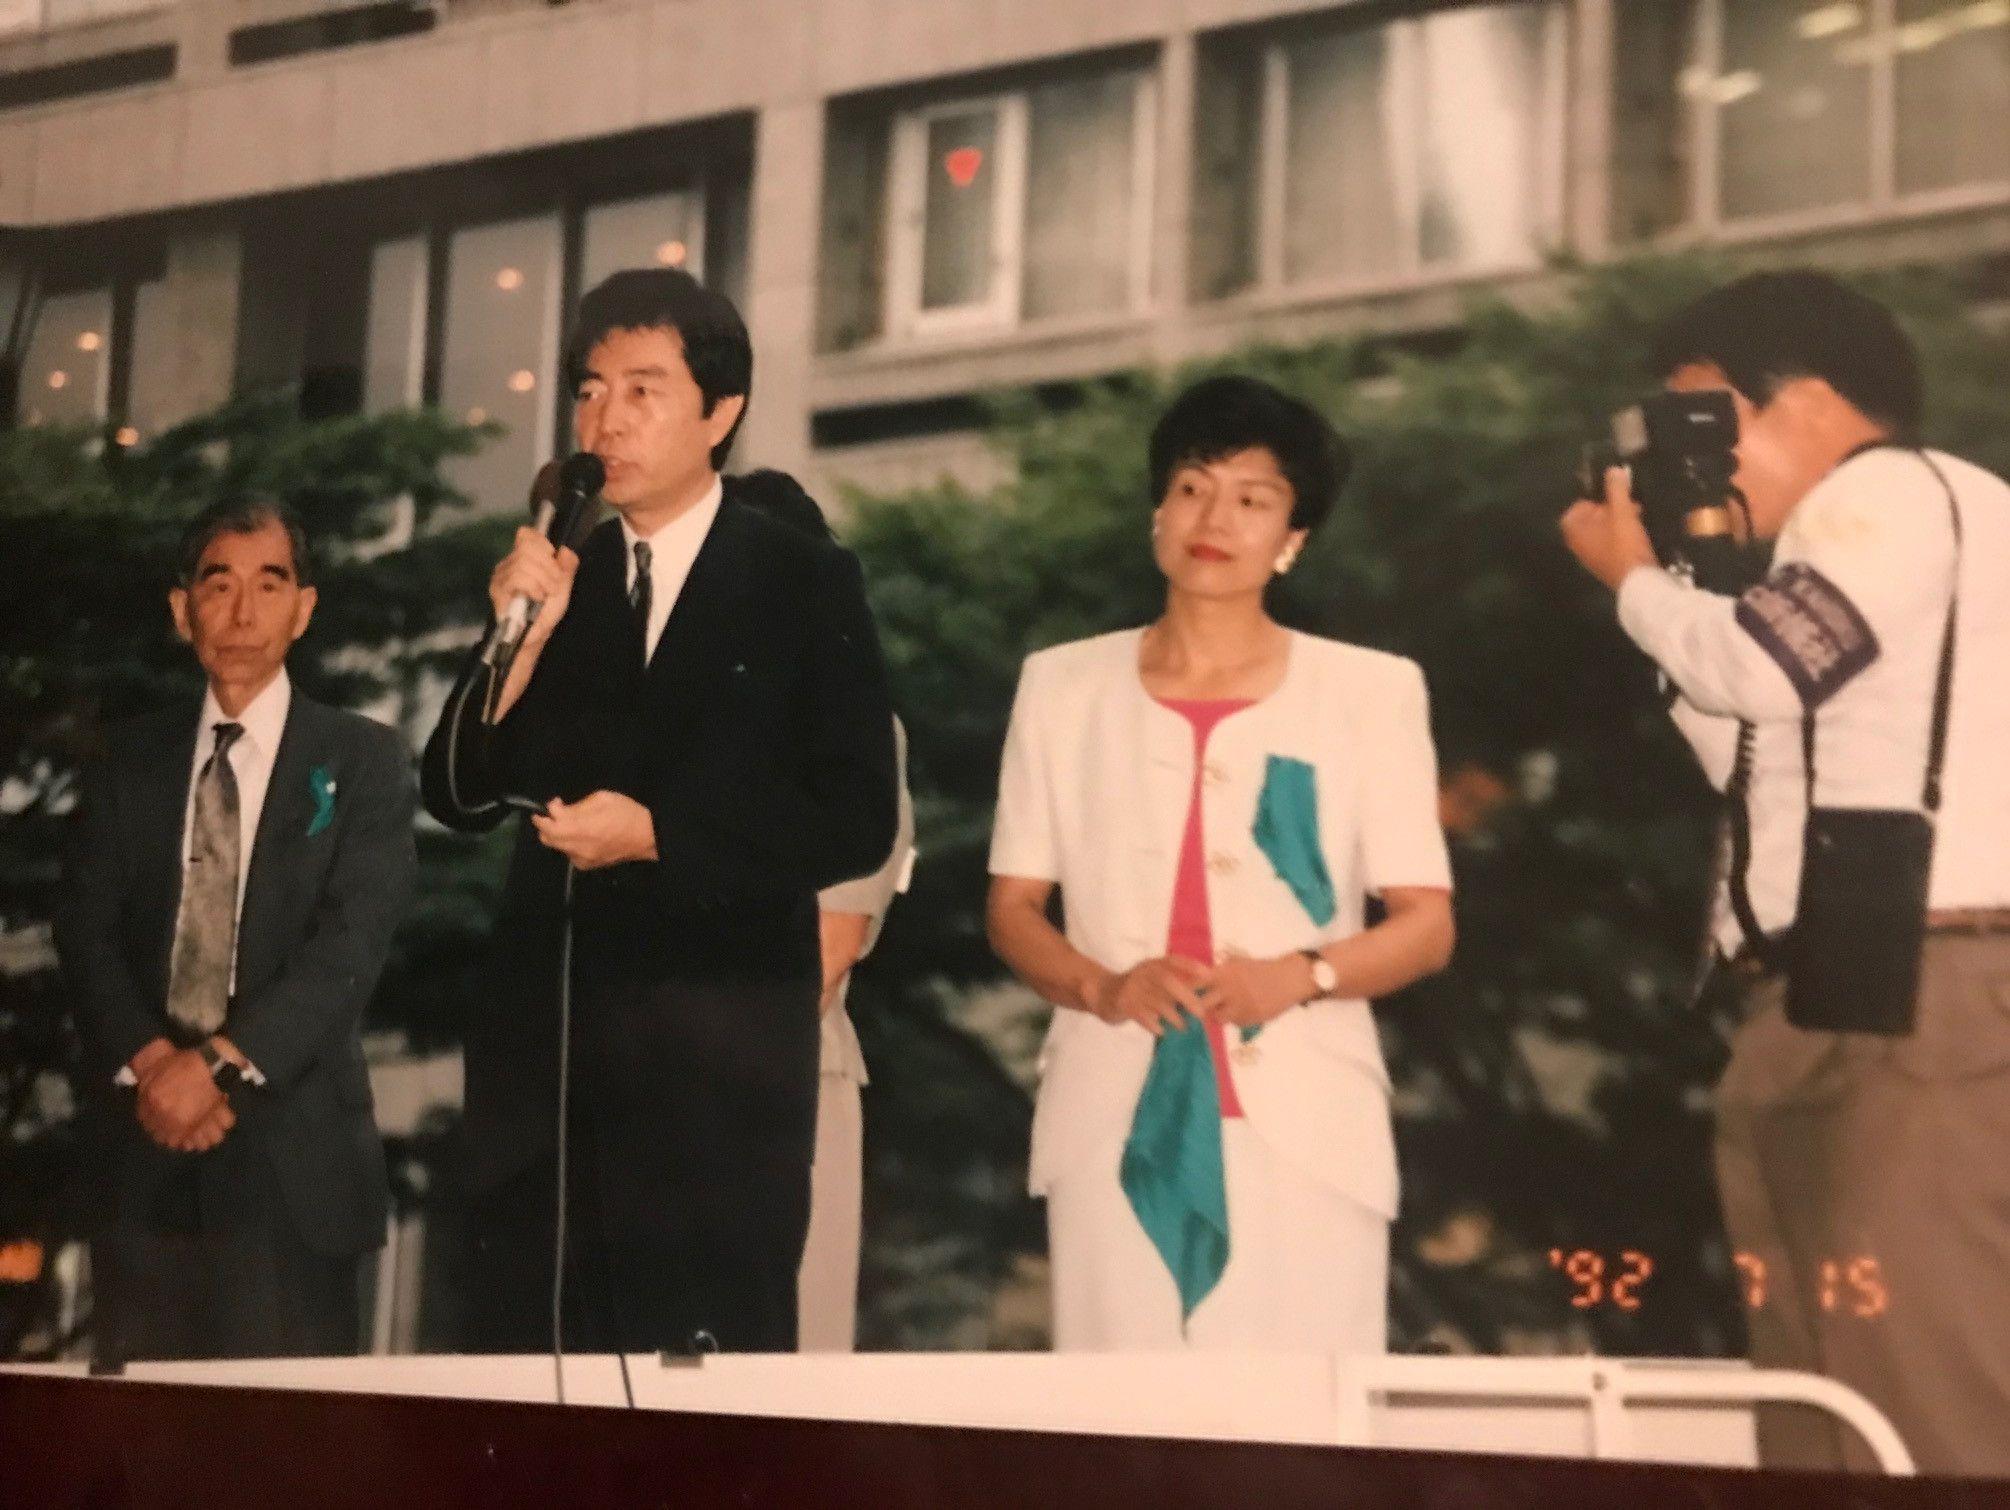 写真・図版 : 参院選で街頭演説に立つ細川護熙さん(左)と円より子さん=1993年7月15日(筆者提供)